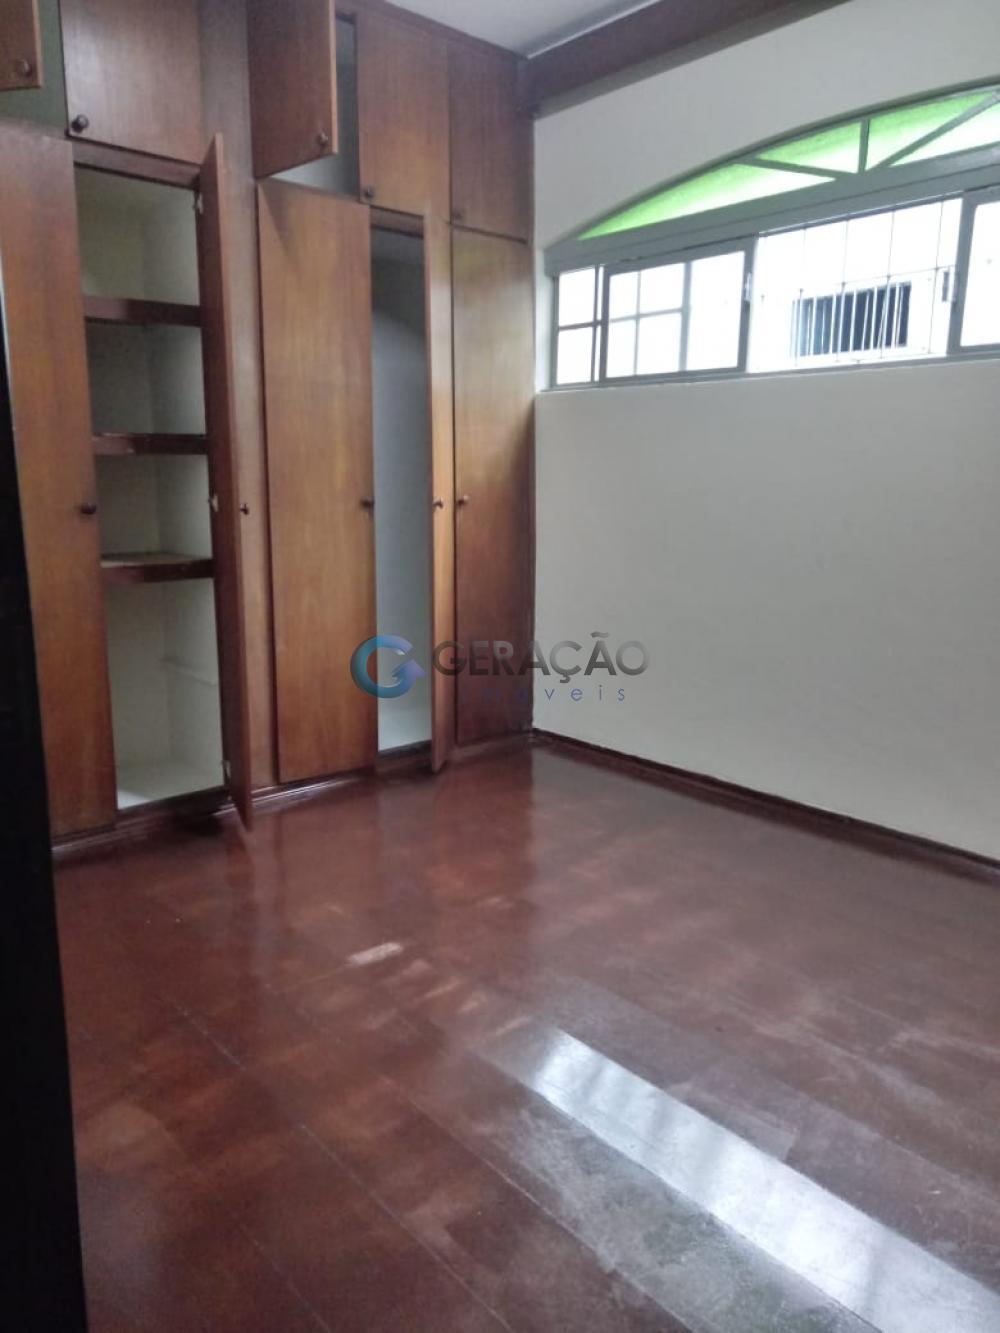 Alugar Comercial / Casa em São José dos Campos apenas R$ 4.500,00 - Foto 11